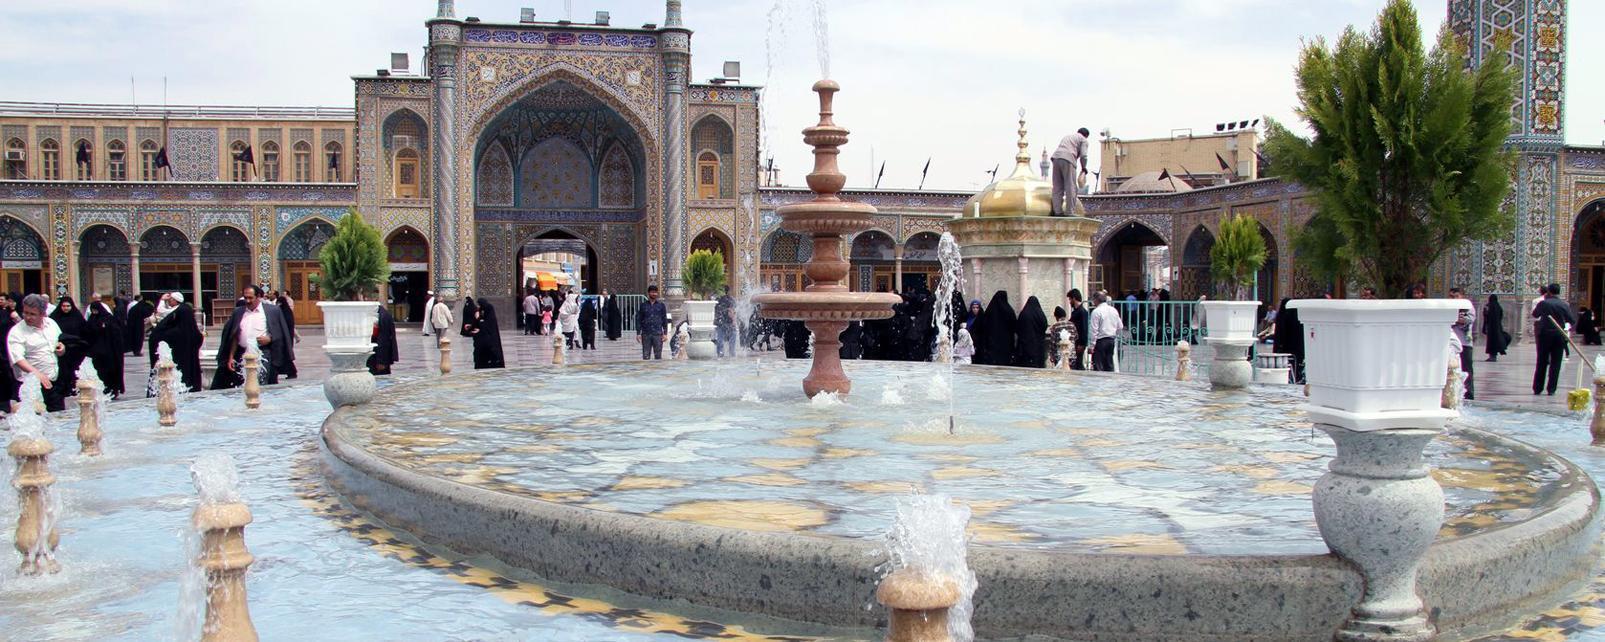 Qom 2018: Best of Qom, Iran Tourism - Iran Destination